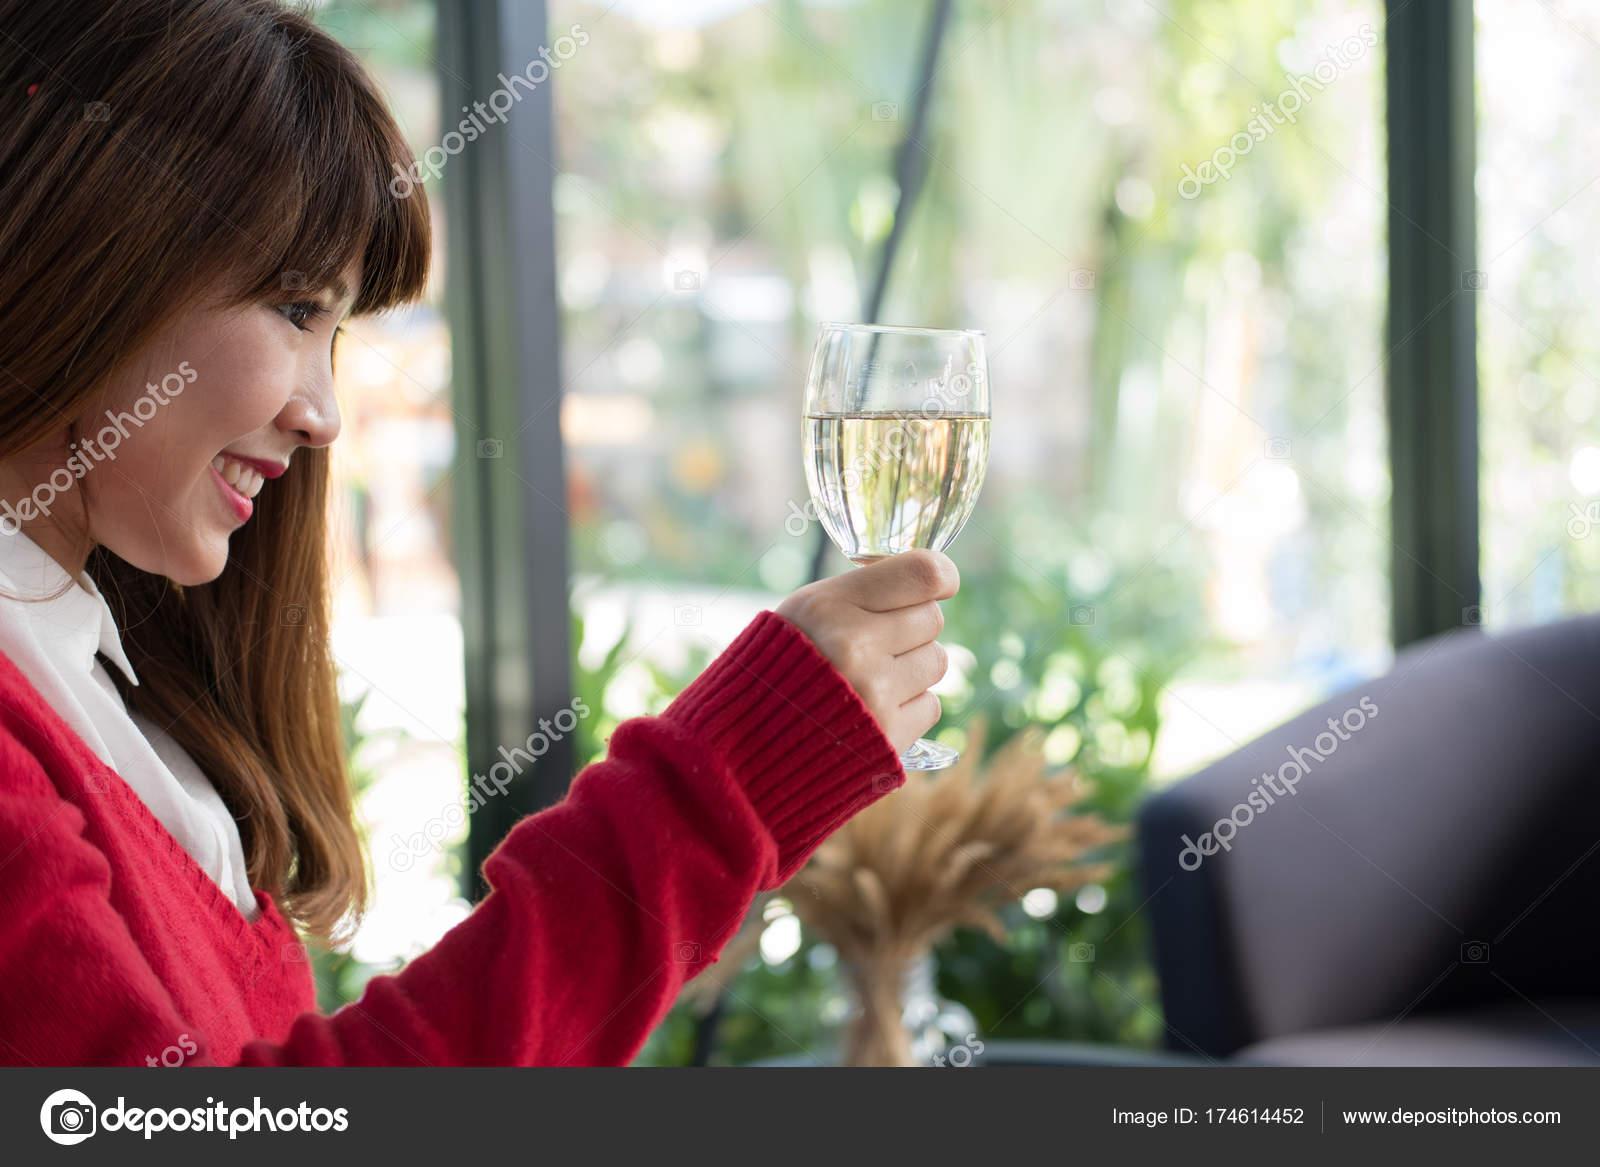 Frau Mit Roten Pullover Halt Glas Wein Zum Geburtstag Oder Ann